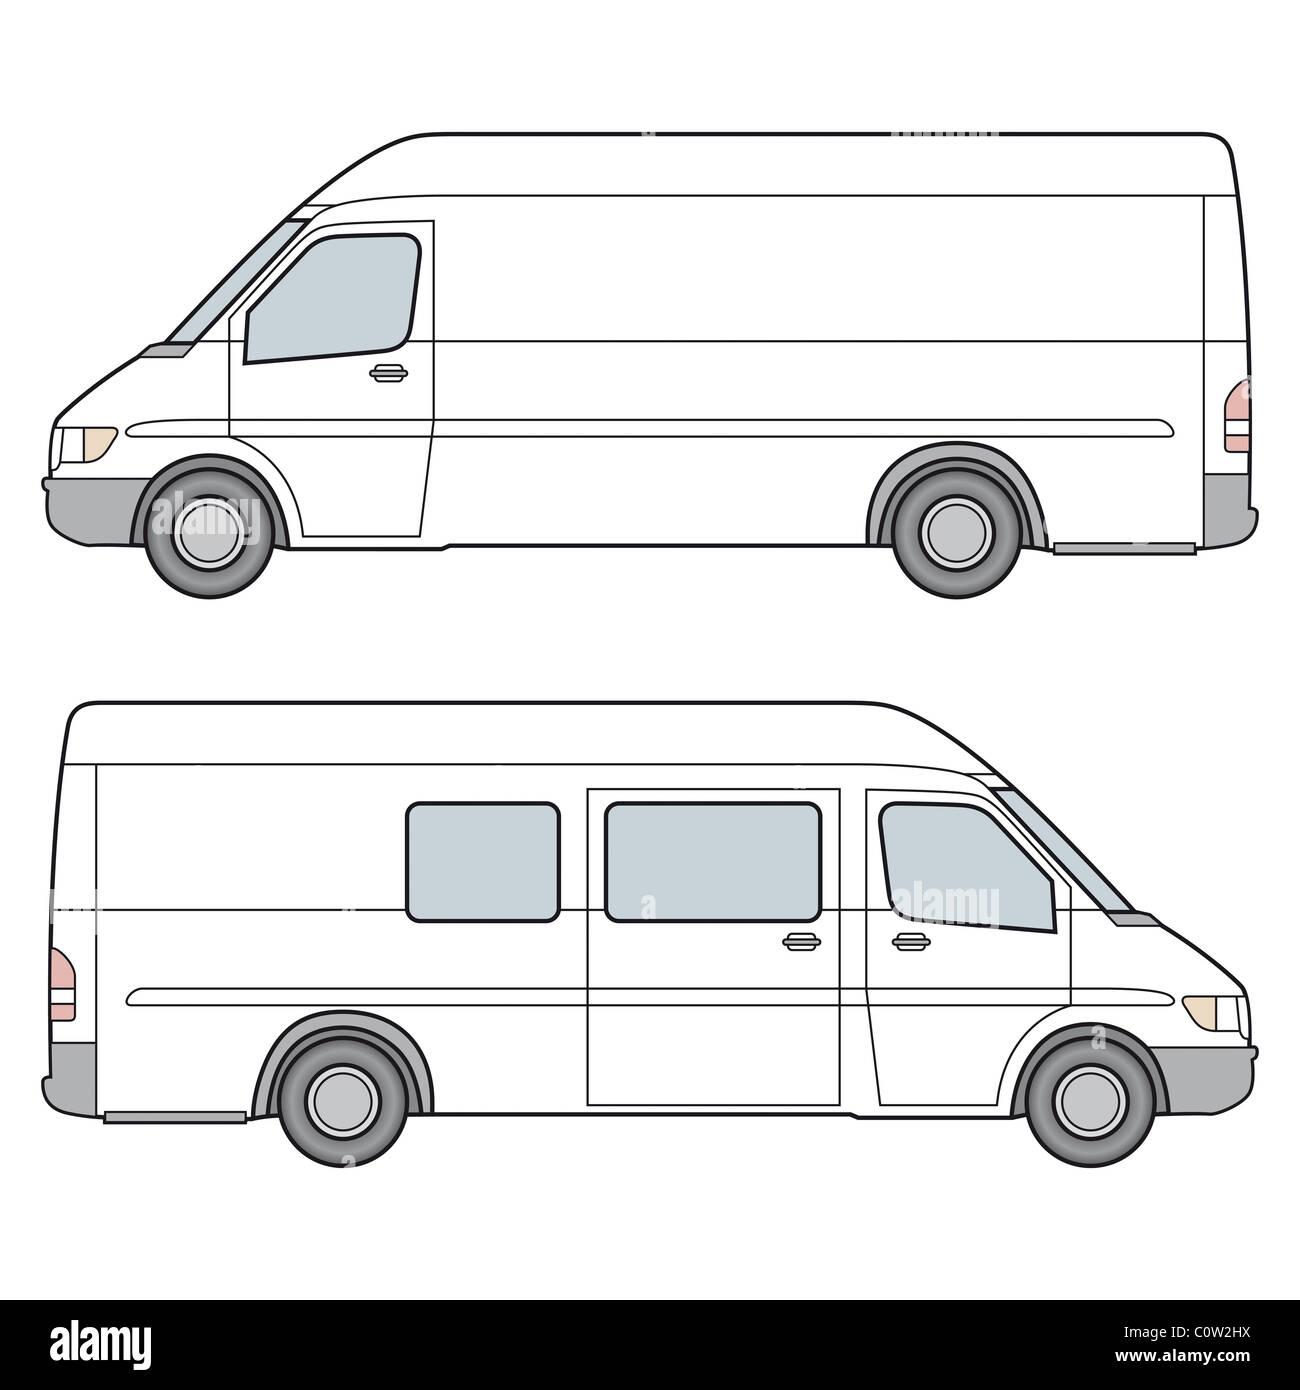 Minibus - Stock Image